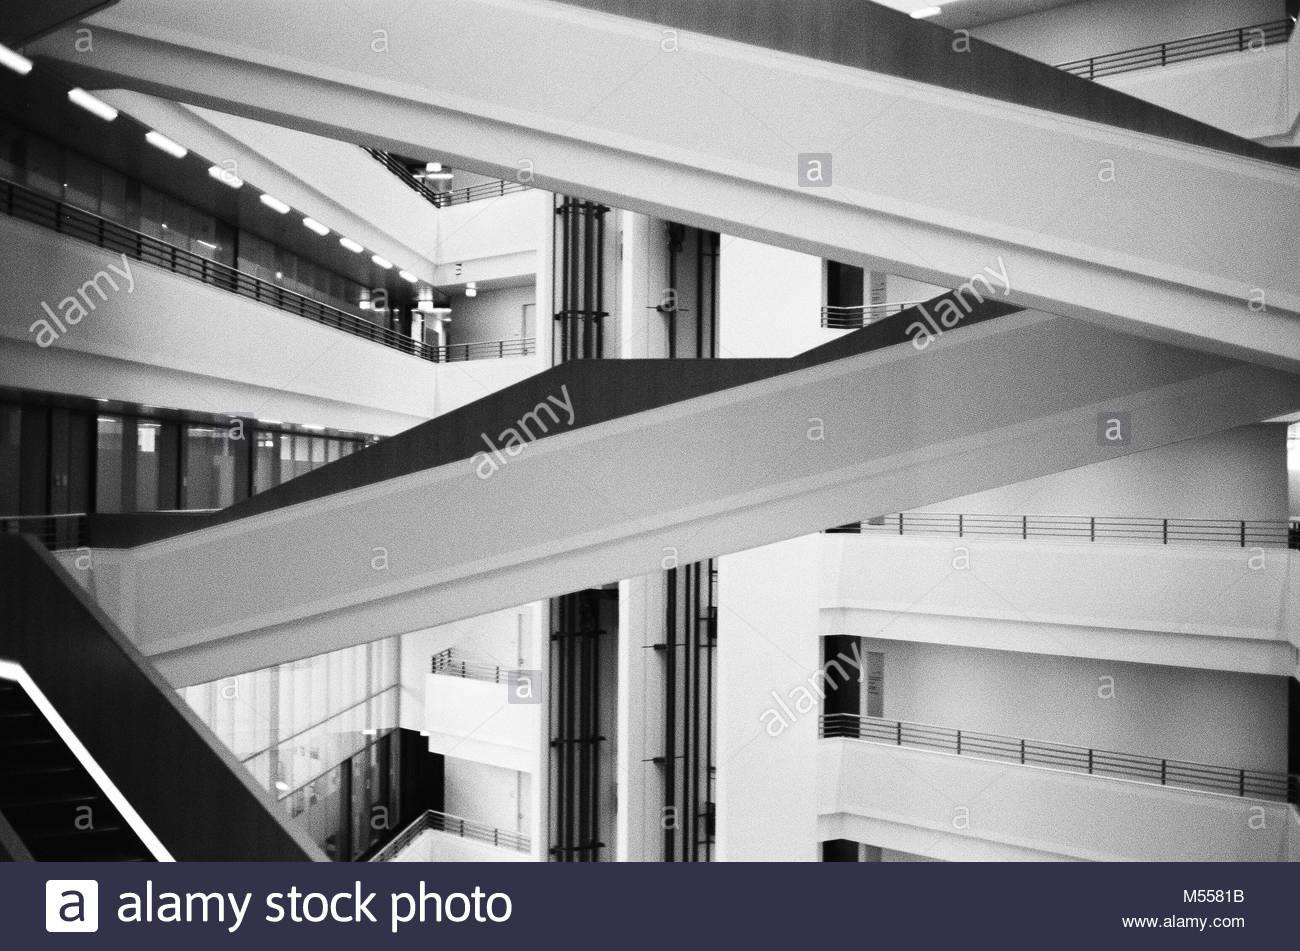 Rolltreppe in einem Bürogebäude Stockbild